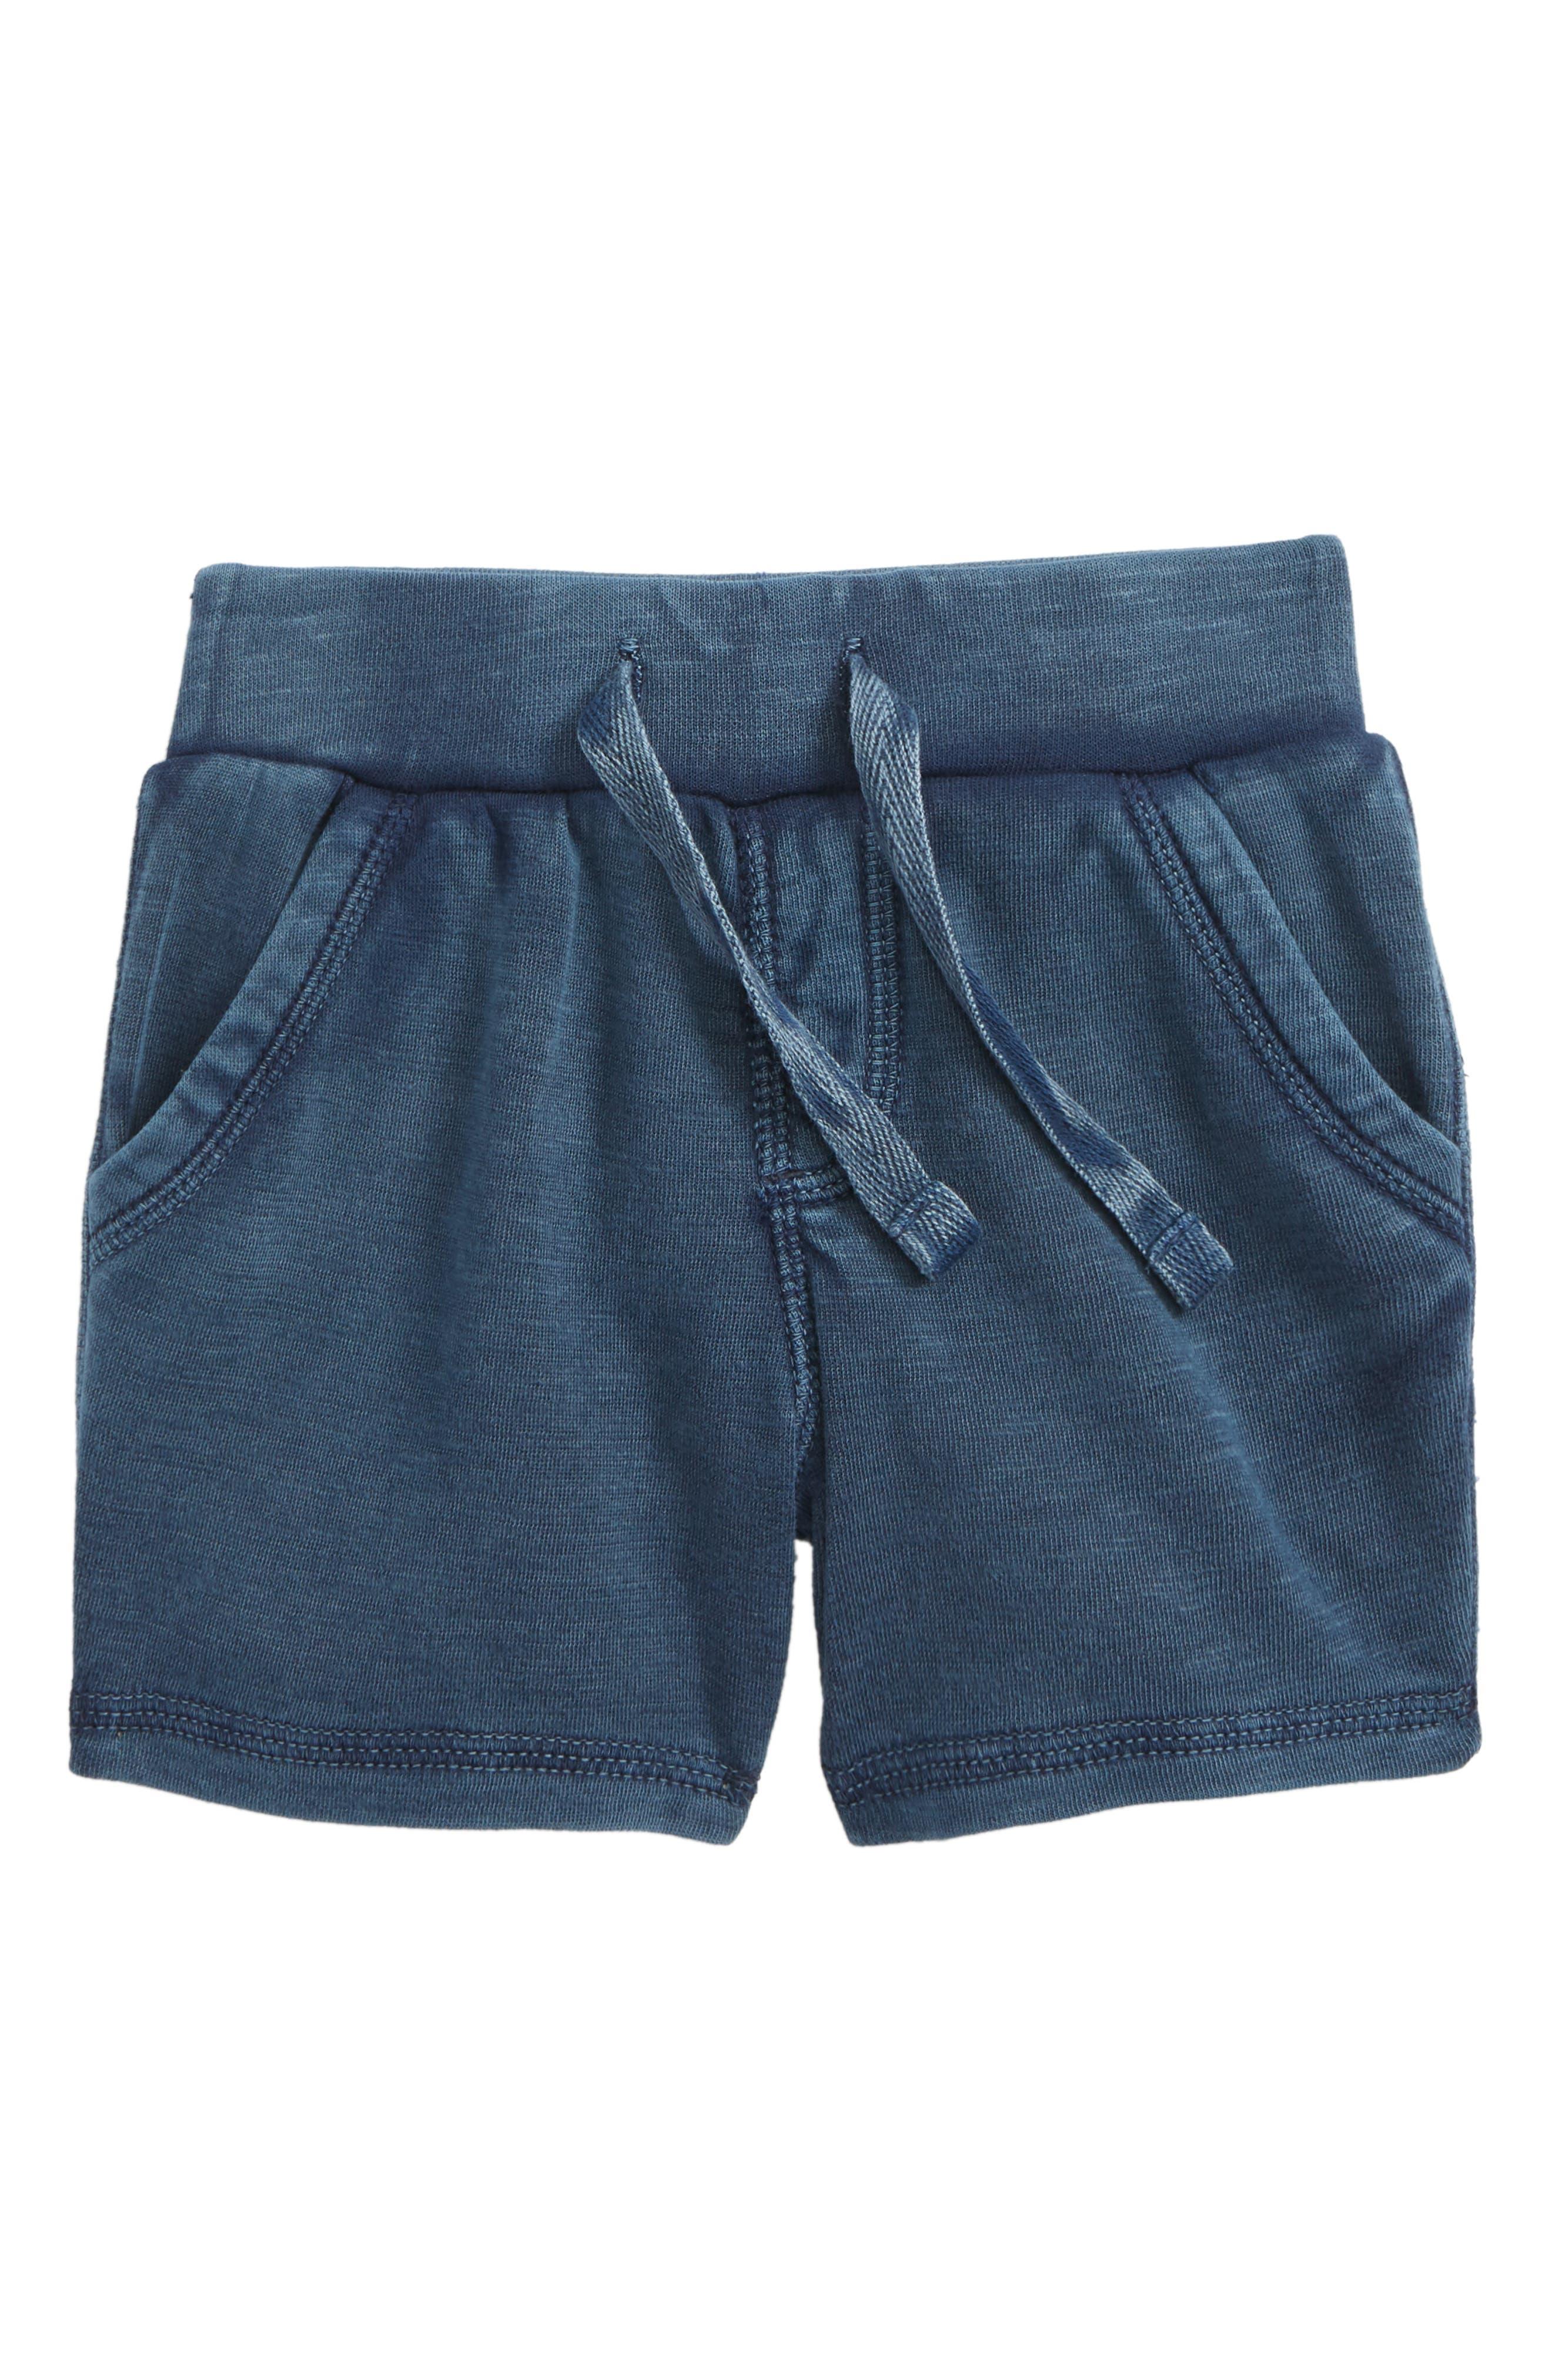 Knit Shorts,                         Main,                         color, 410